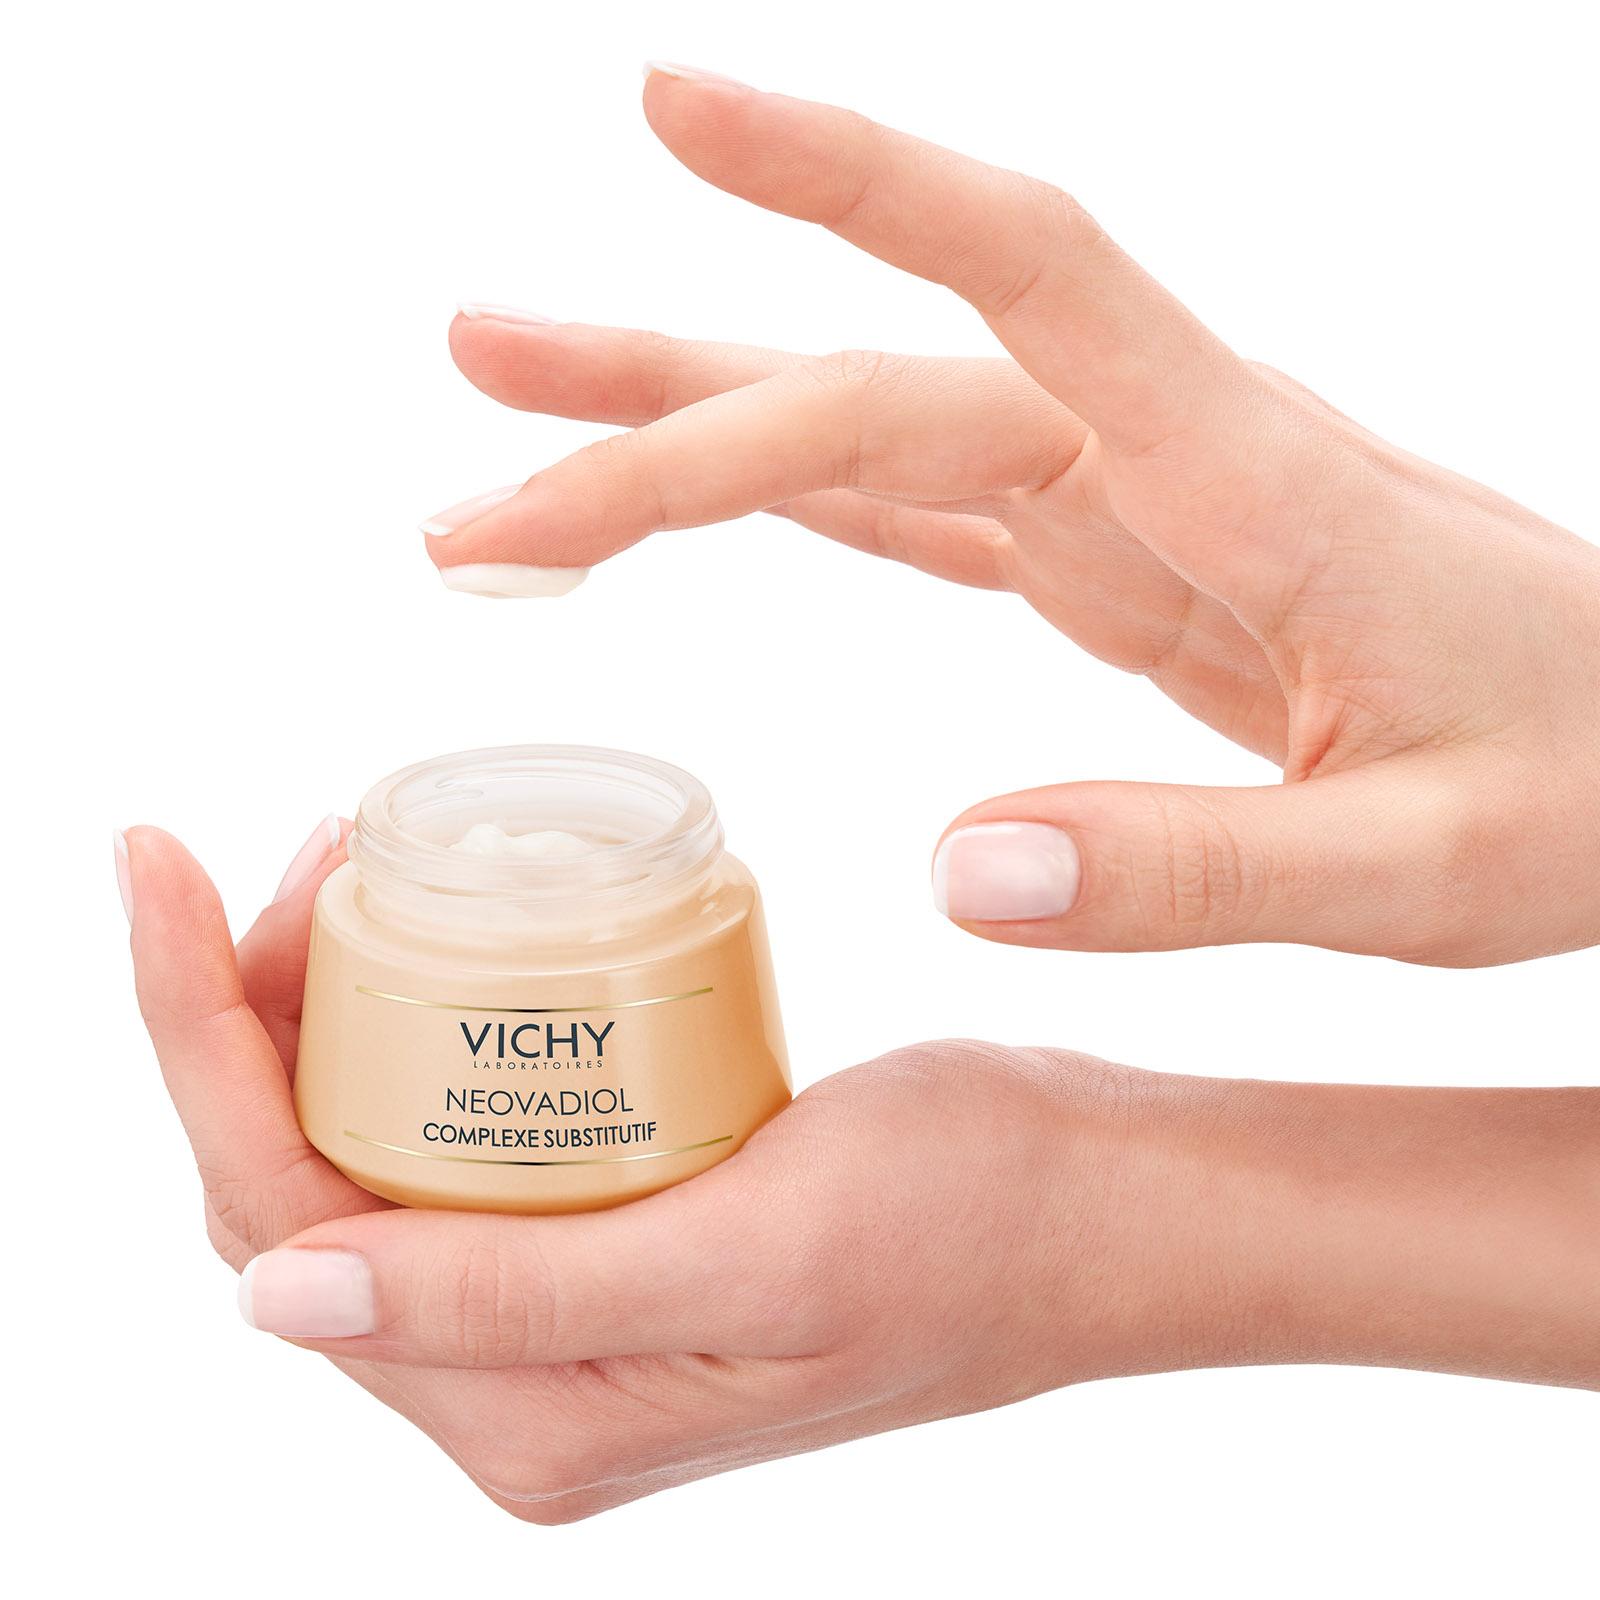 COMPLEJO SUSTITUTIVO Cuidado reactivador de la juventud para pieles maduras Pieles normales a mixtas